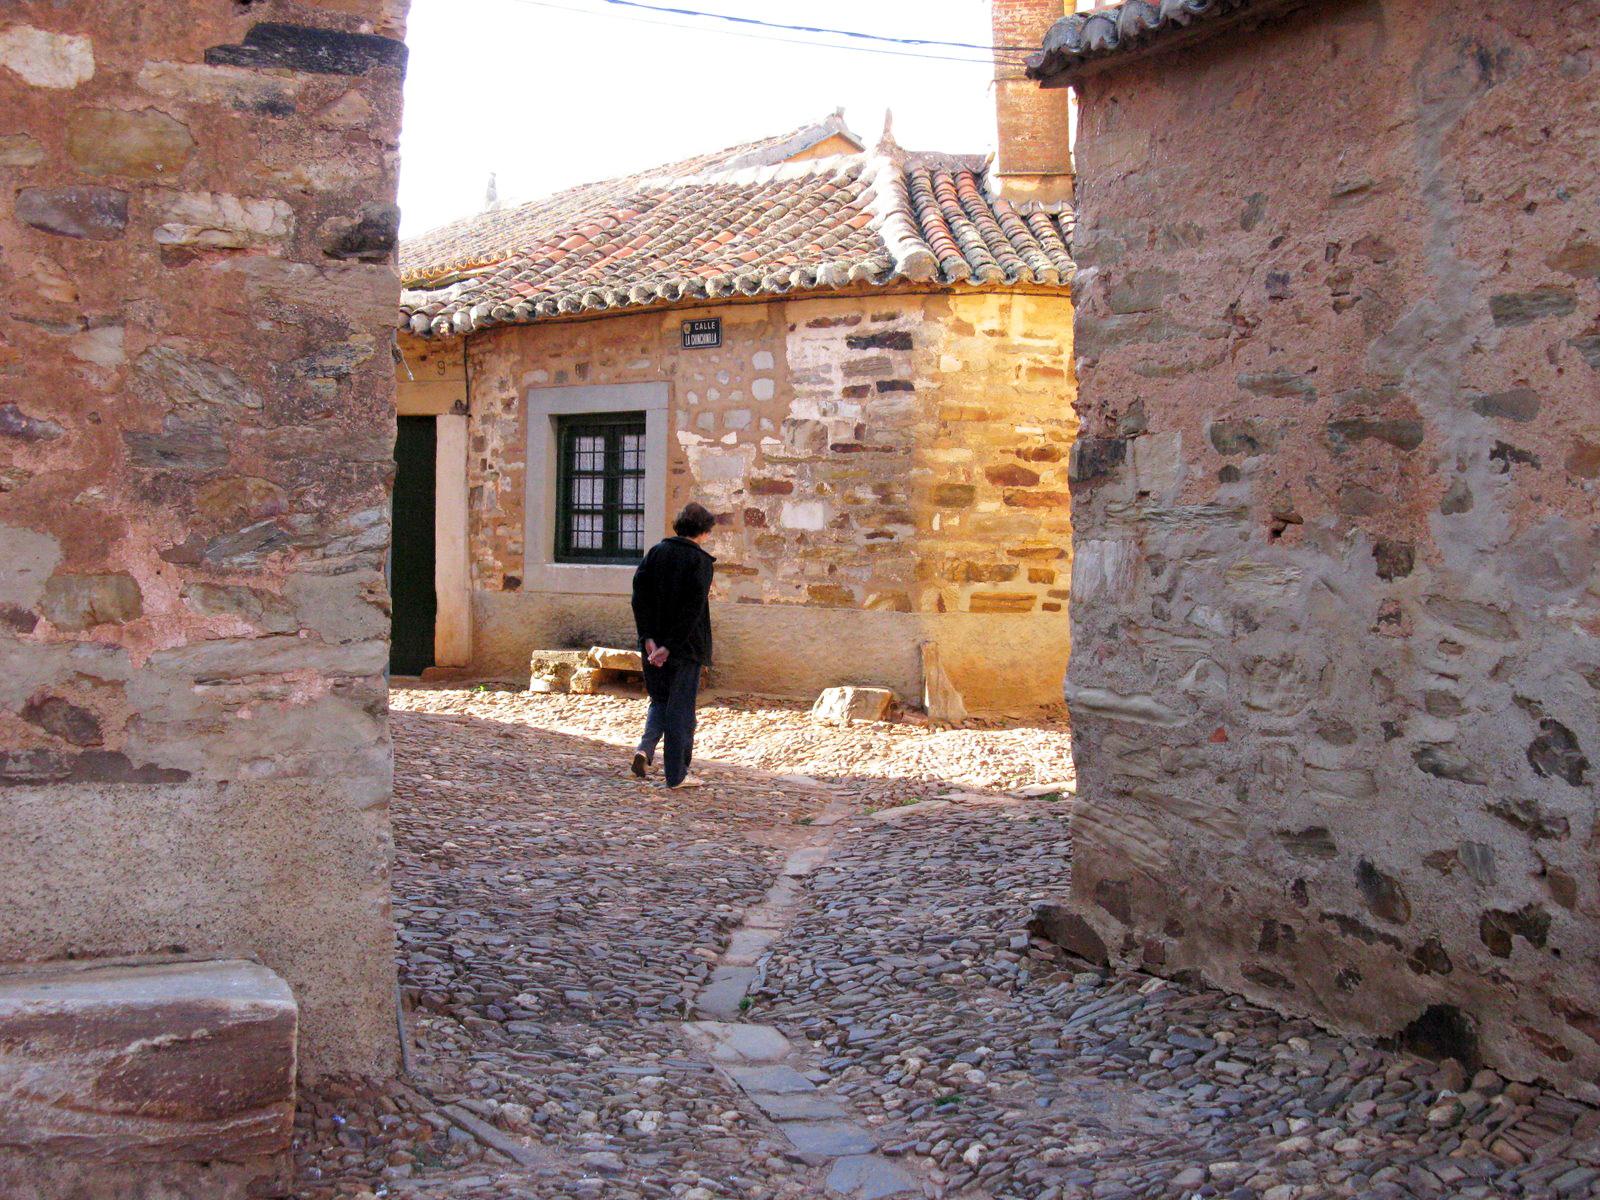 26 September 2008 – Astorgia to Castrillo de los Polvazares